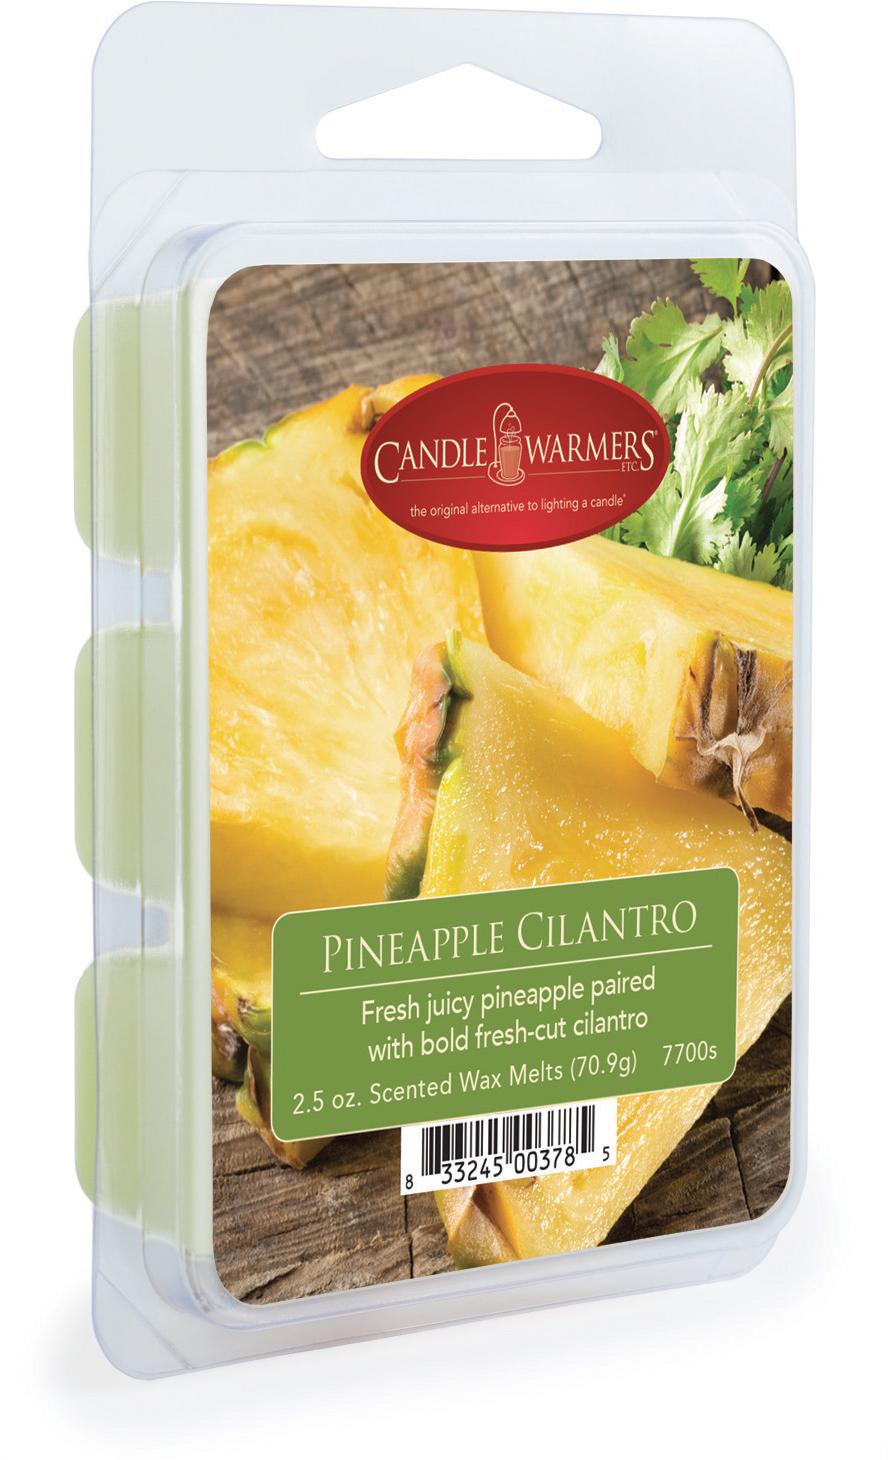 Воск ароматический Candle Warmers Ананас и кинза / Pineapple Cilantro, цвет: зеленый, 75 г ананас дозревает если зеленый